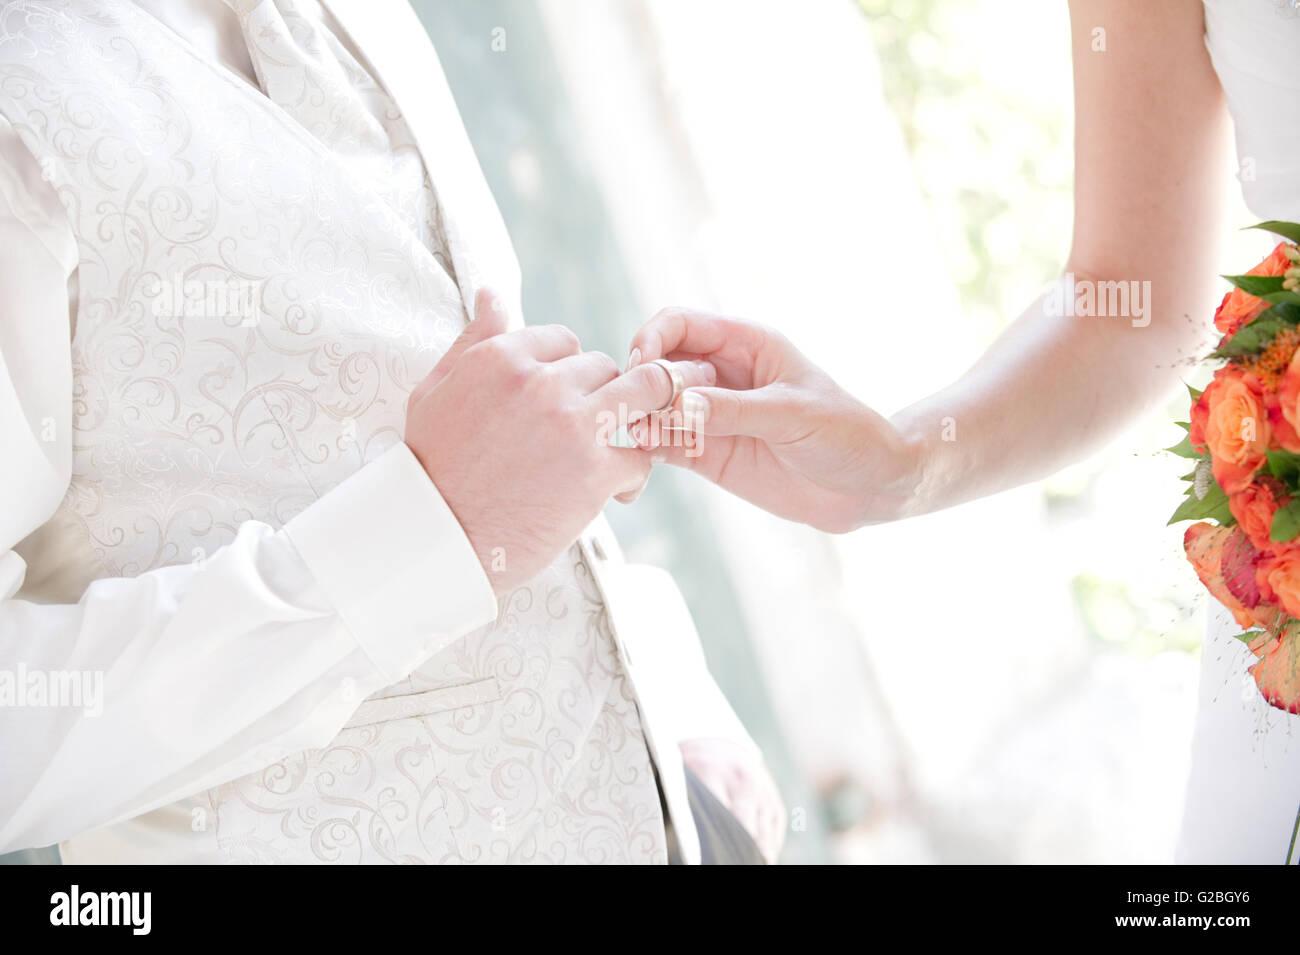 Exchange of wedding rings - Stock Image